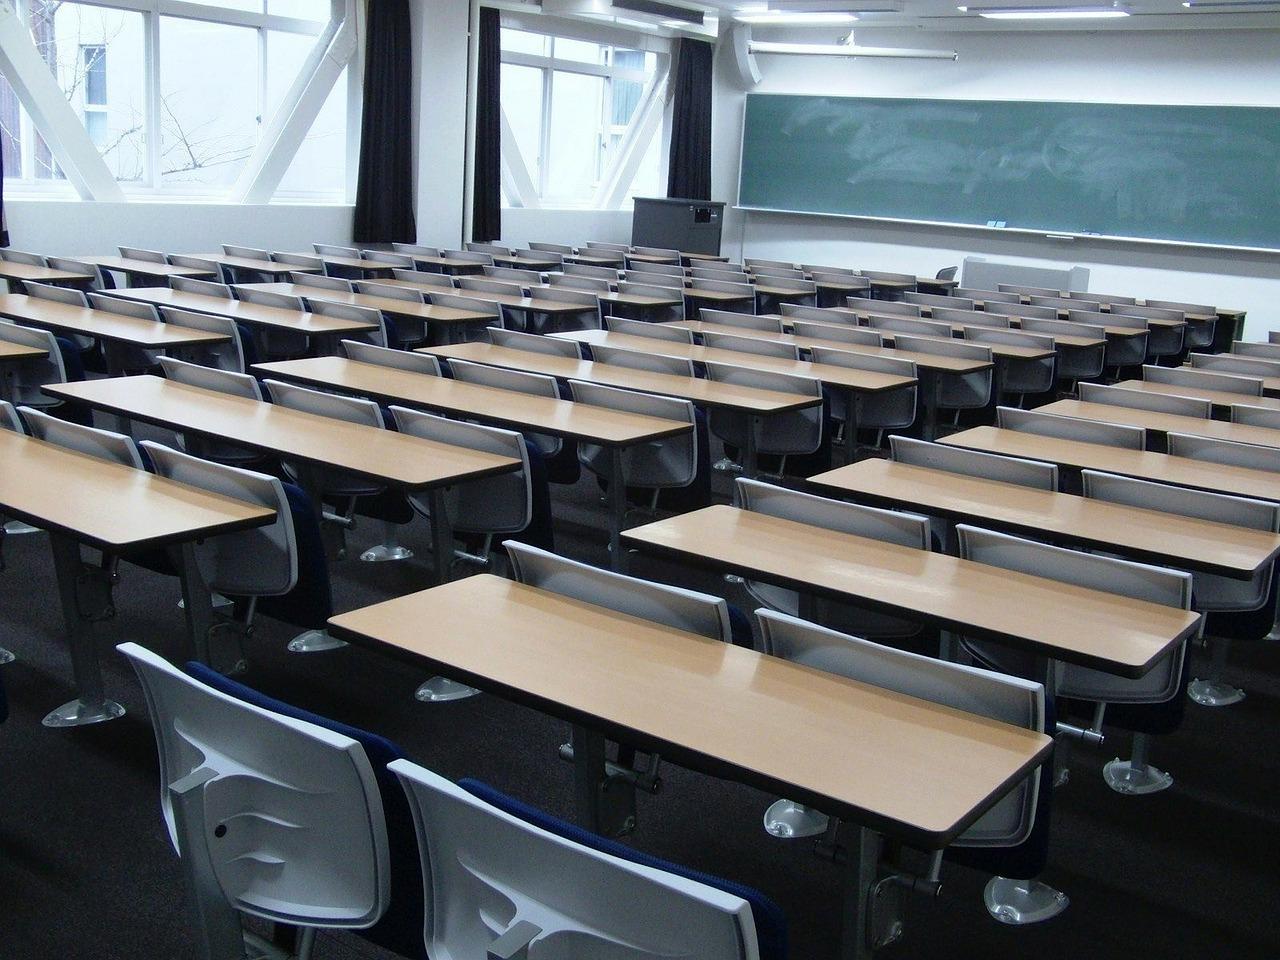 Extindem Școala Gimnazială nr. 179 din Cartierul Bucureștii Noi pentru suplimentarea spațiilor de învățământ